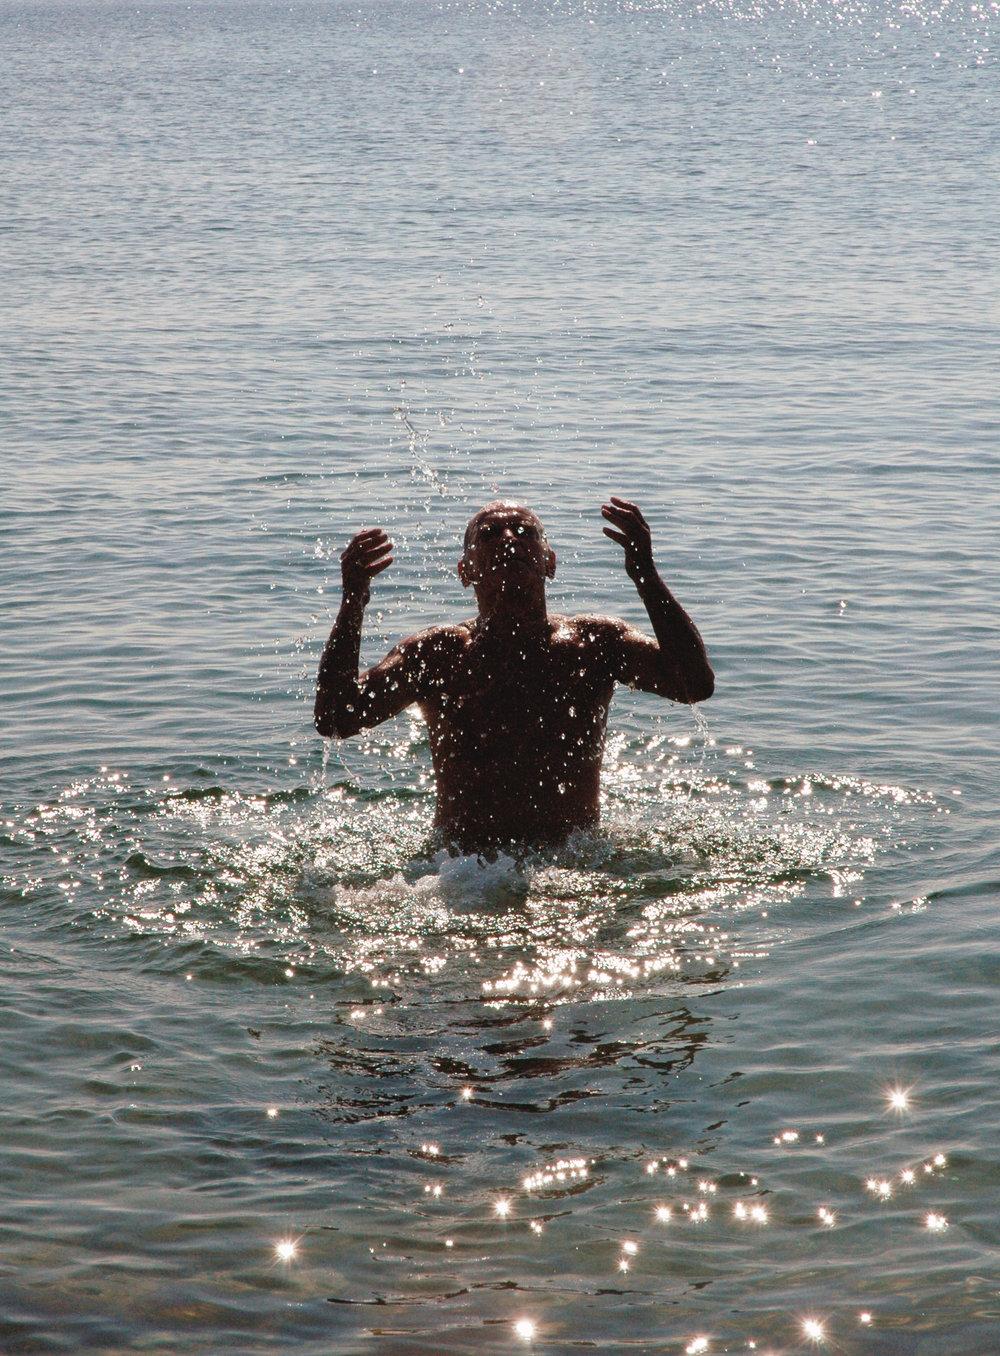 B swimmimg P'town.jpg